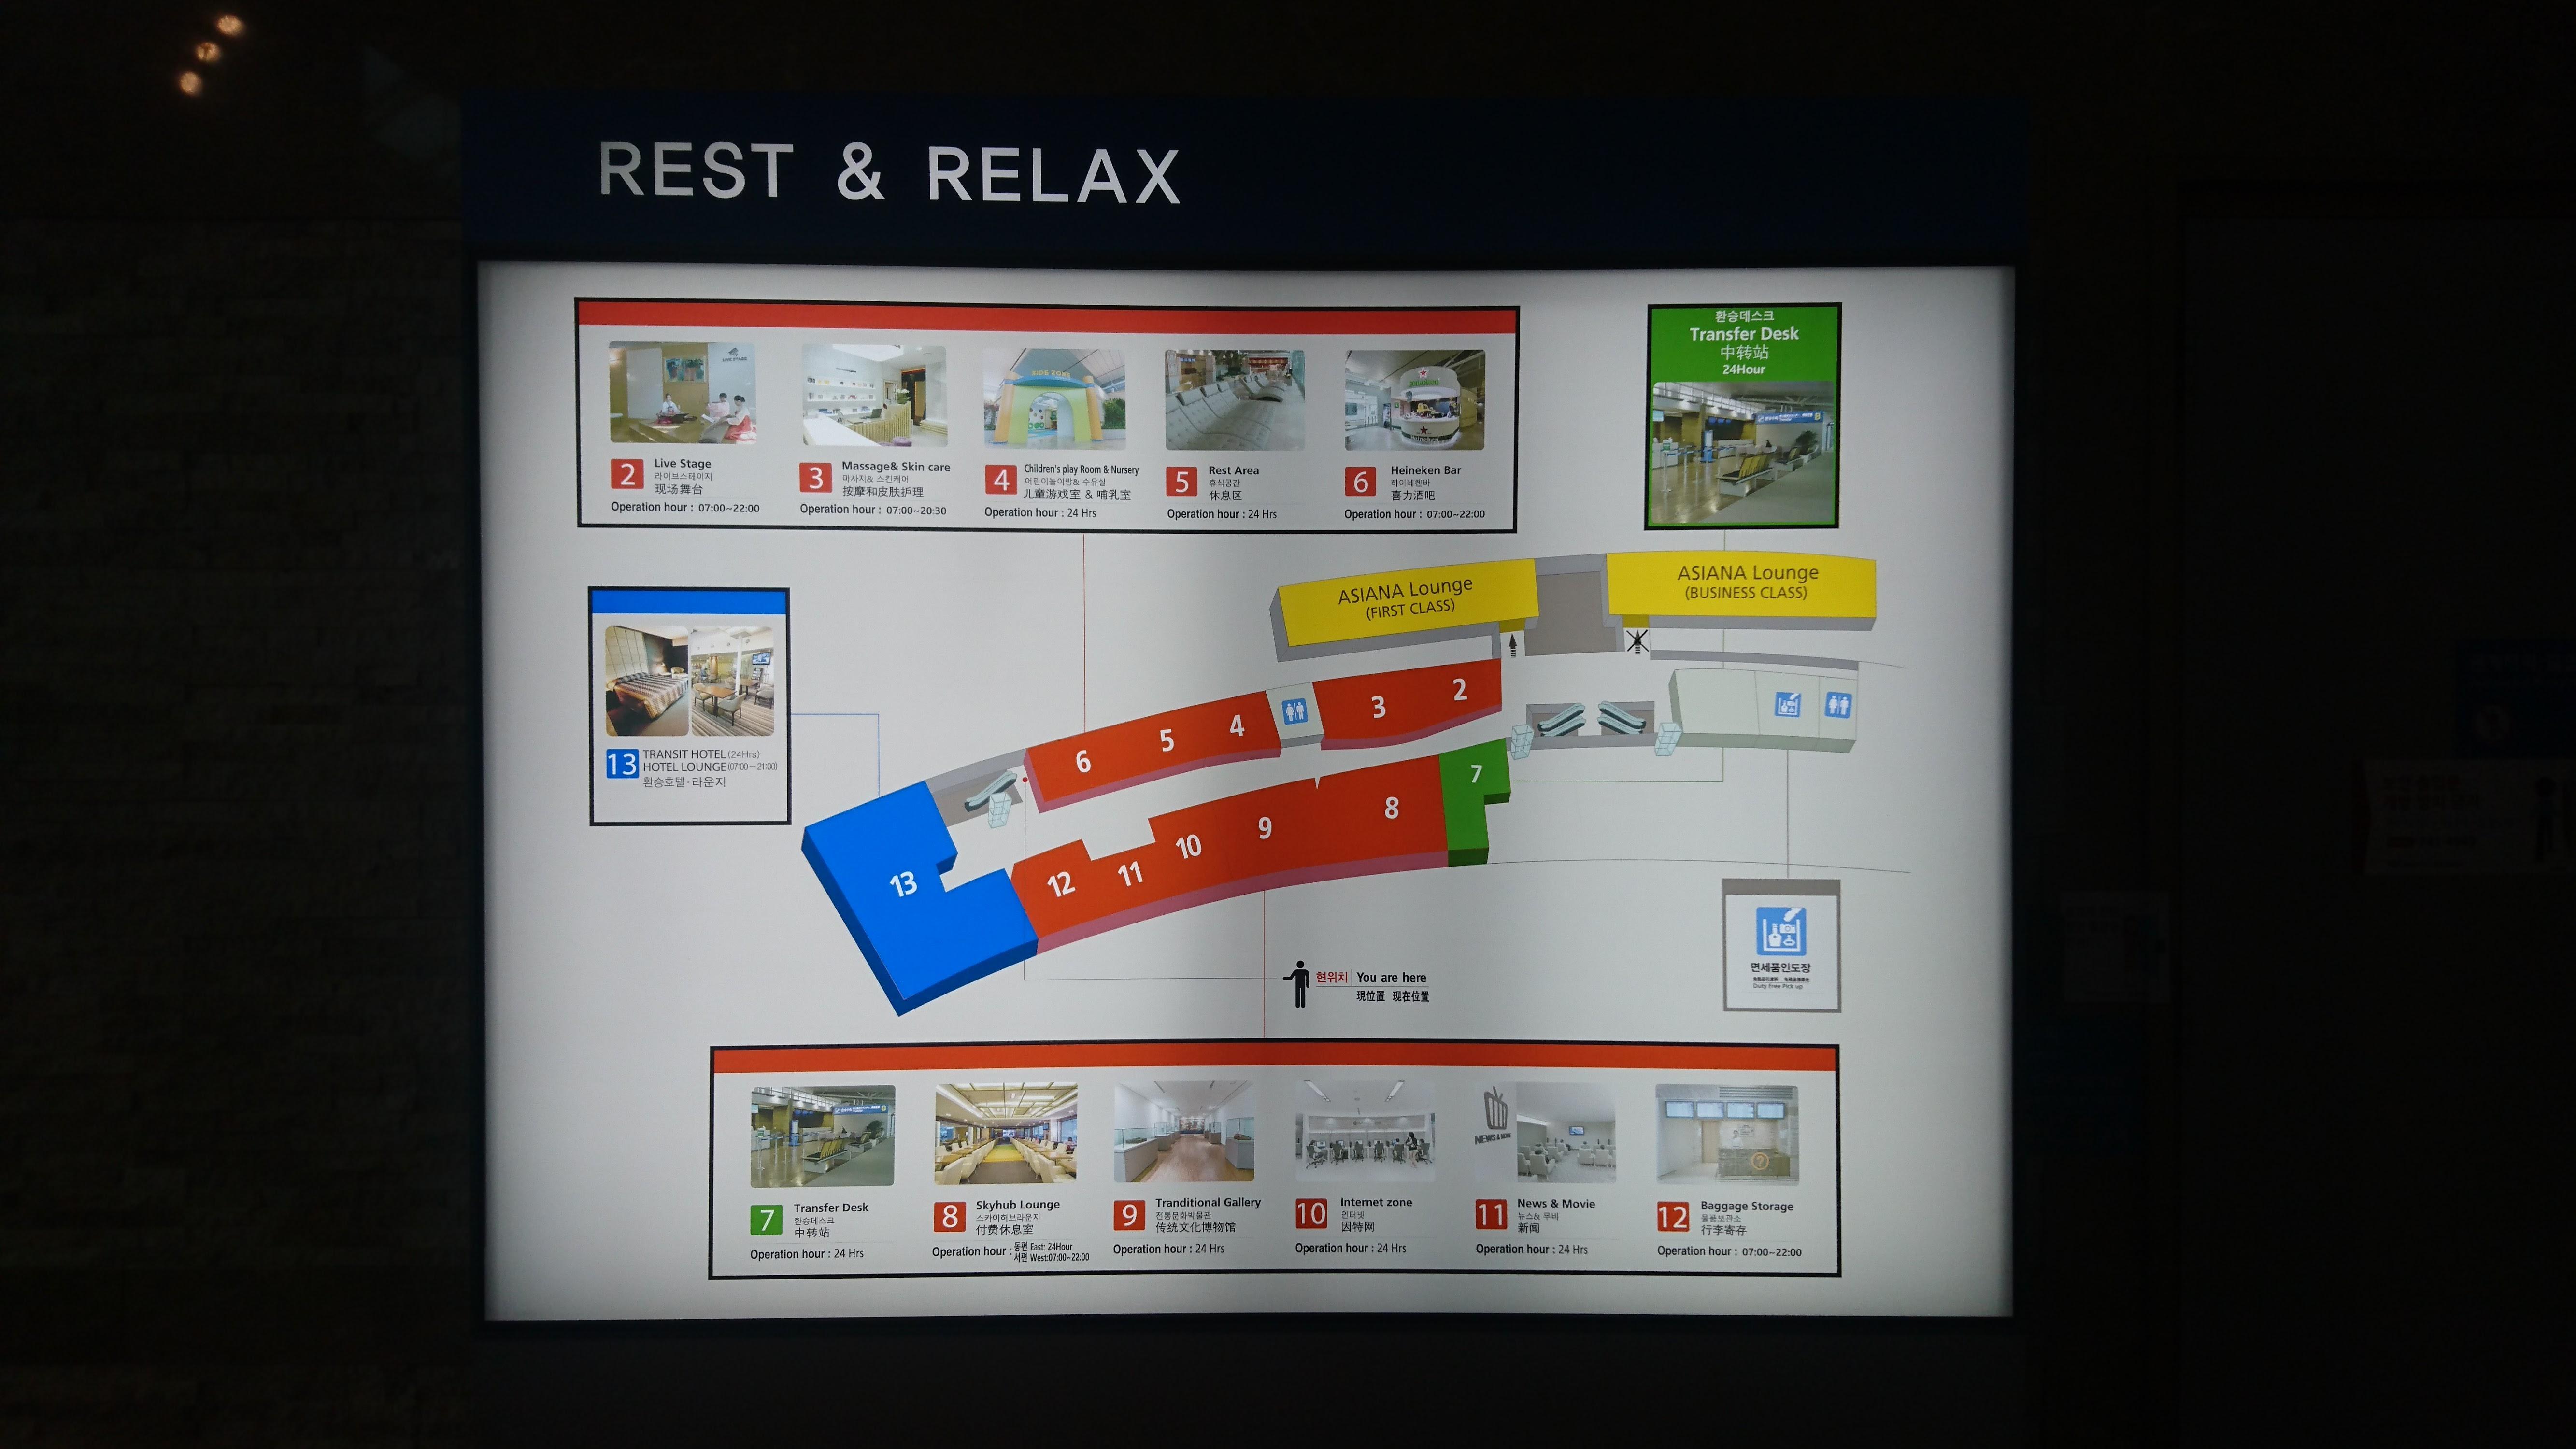 エスカレーターをあがったところに付近の案内図が。青色のエリアが、今回訪れるラウンジがあるトランジットホテルになります。